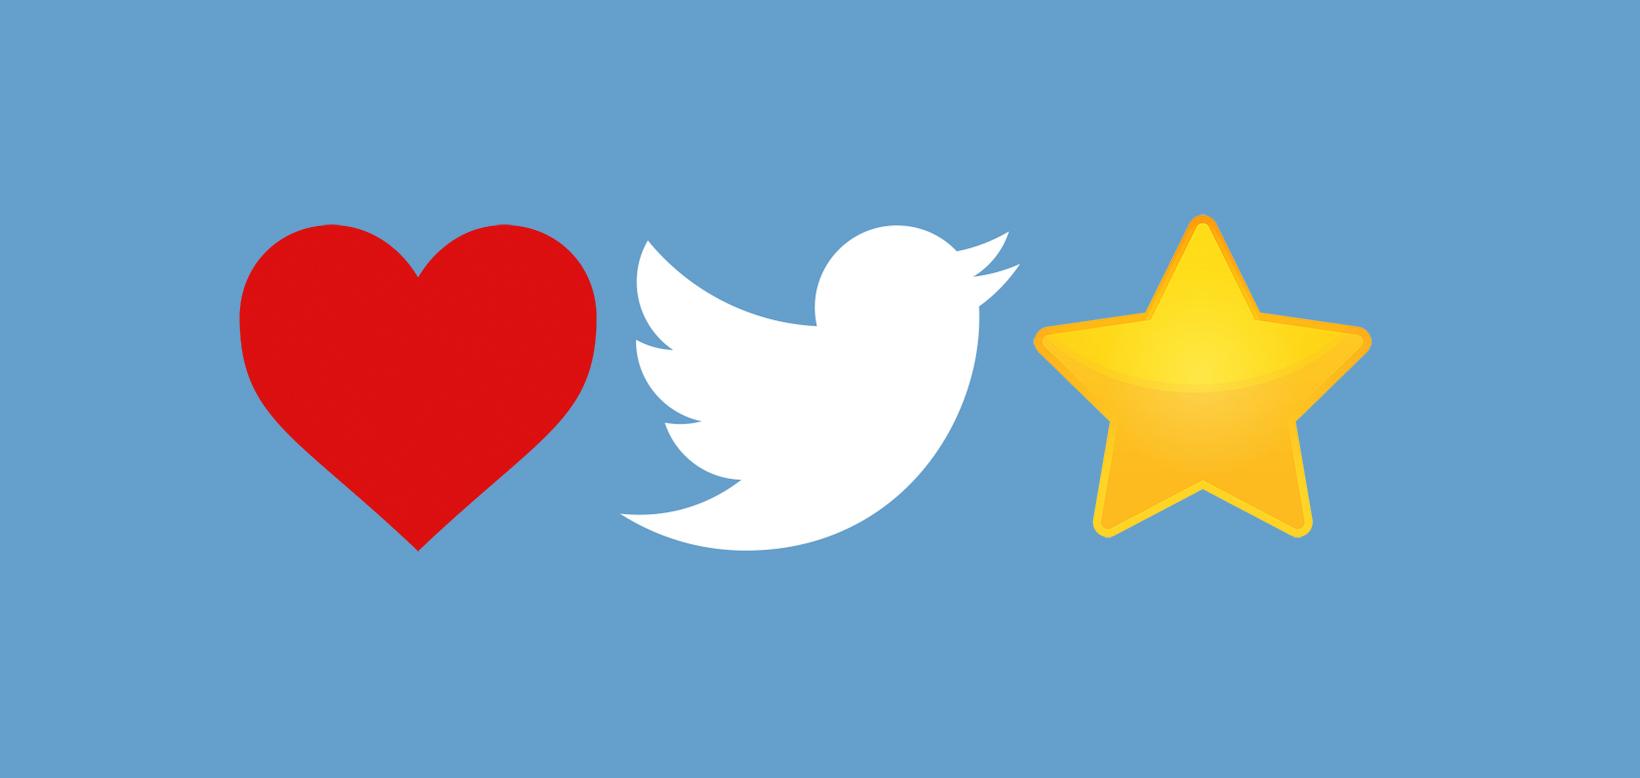 Twitter : le «like» plus utilisé que le «FAV»